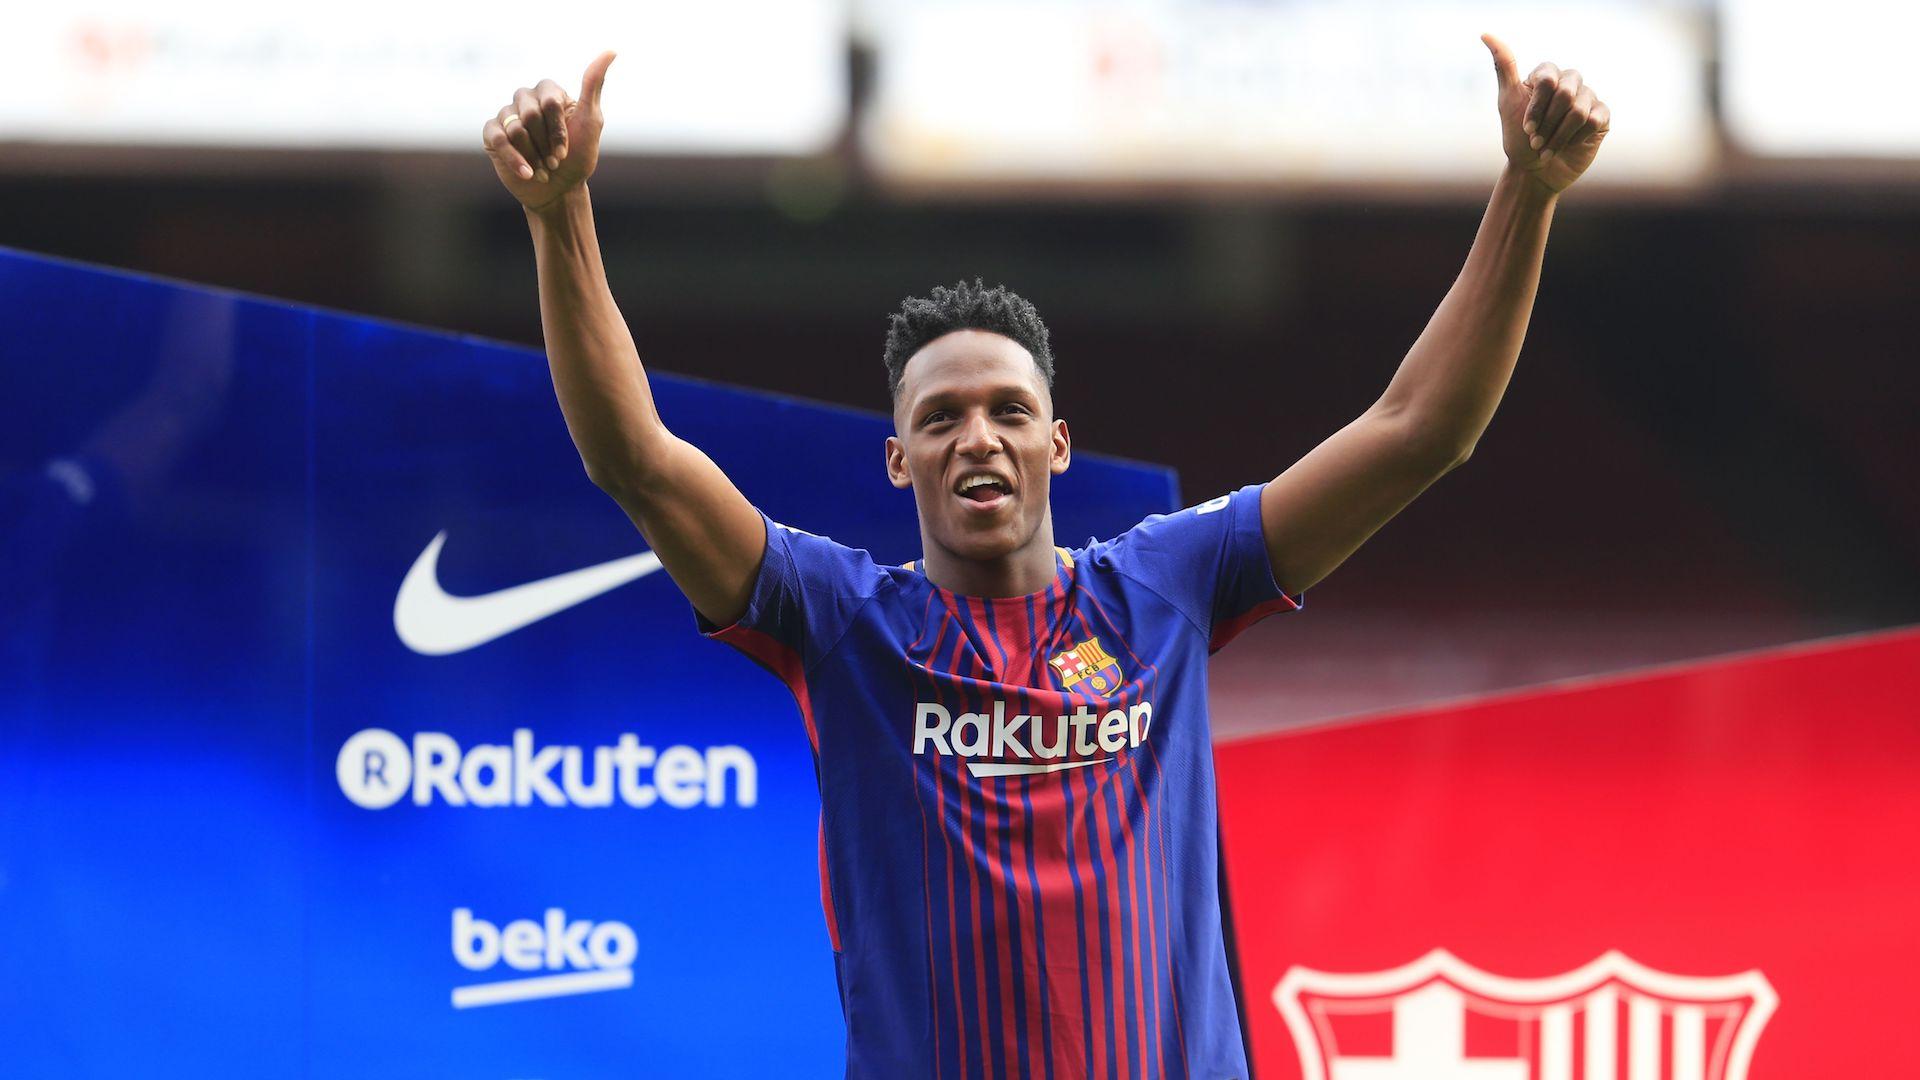 Barcellona: preso Yerry Mina dal Palmeiras, difensore goleador. Cifre e dettagli dell'accordo